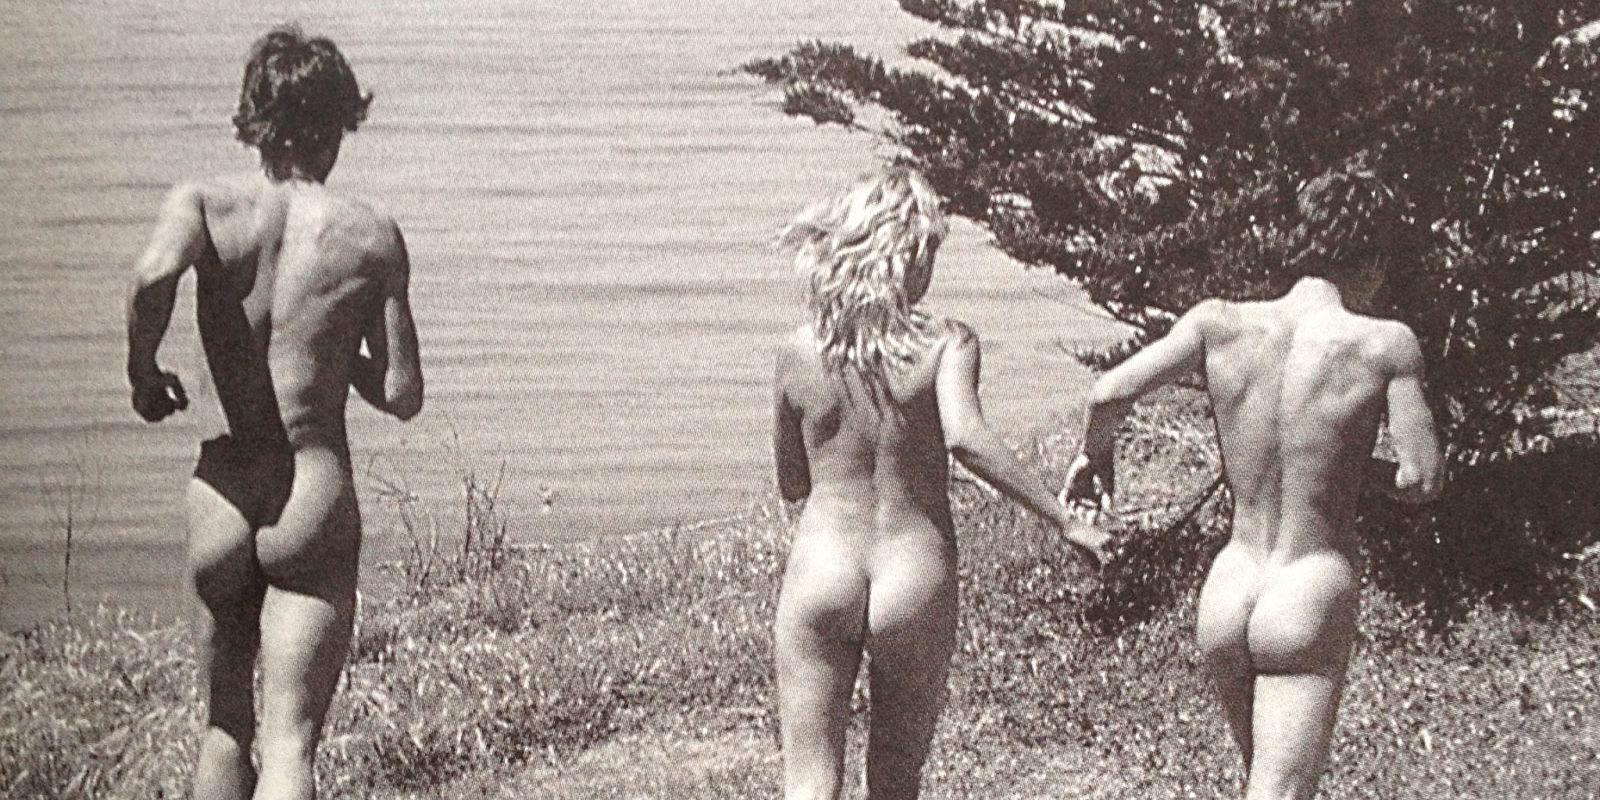 Ads abercrombie nude